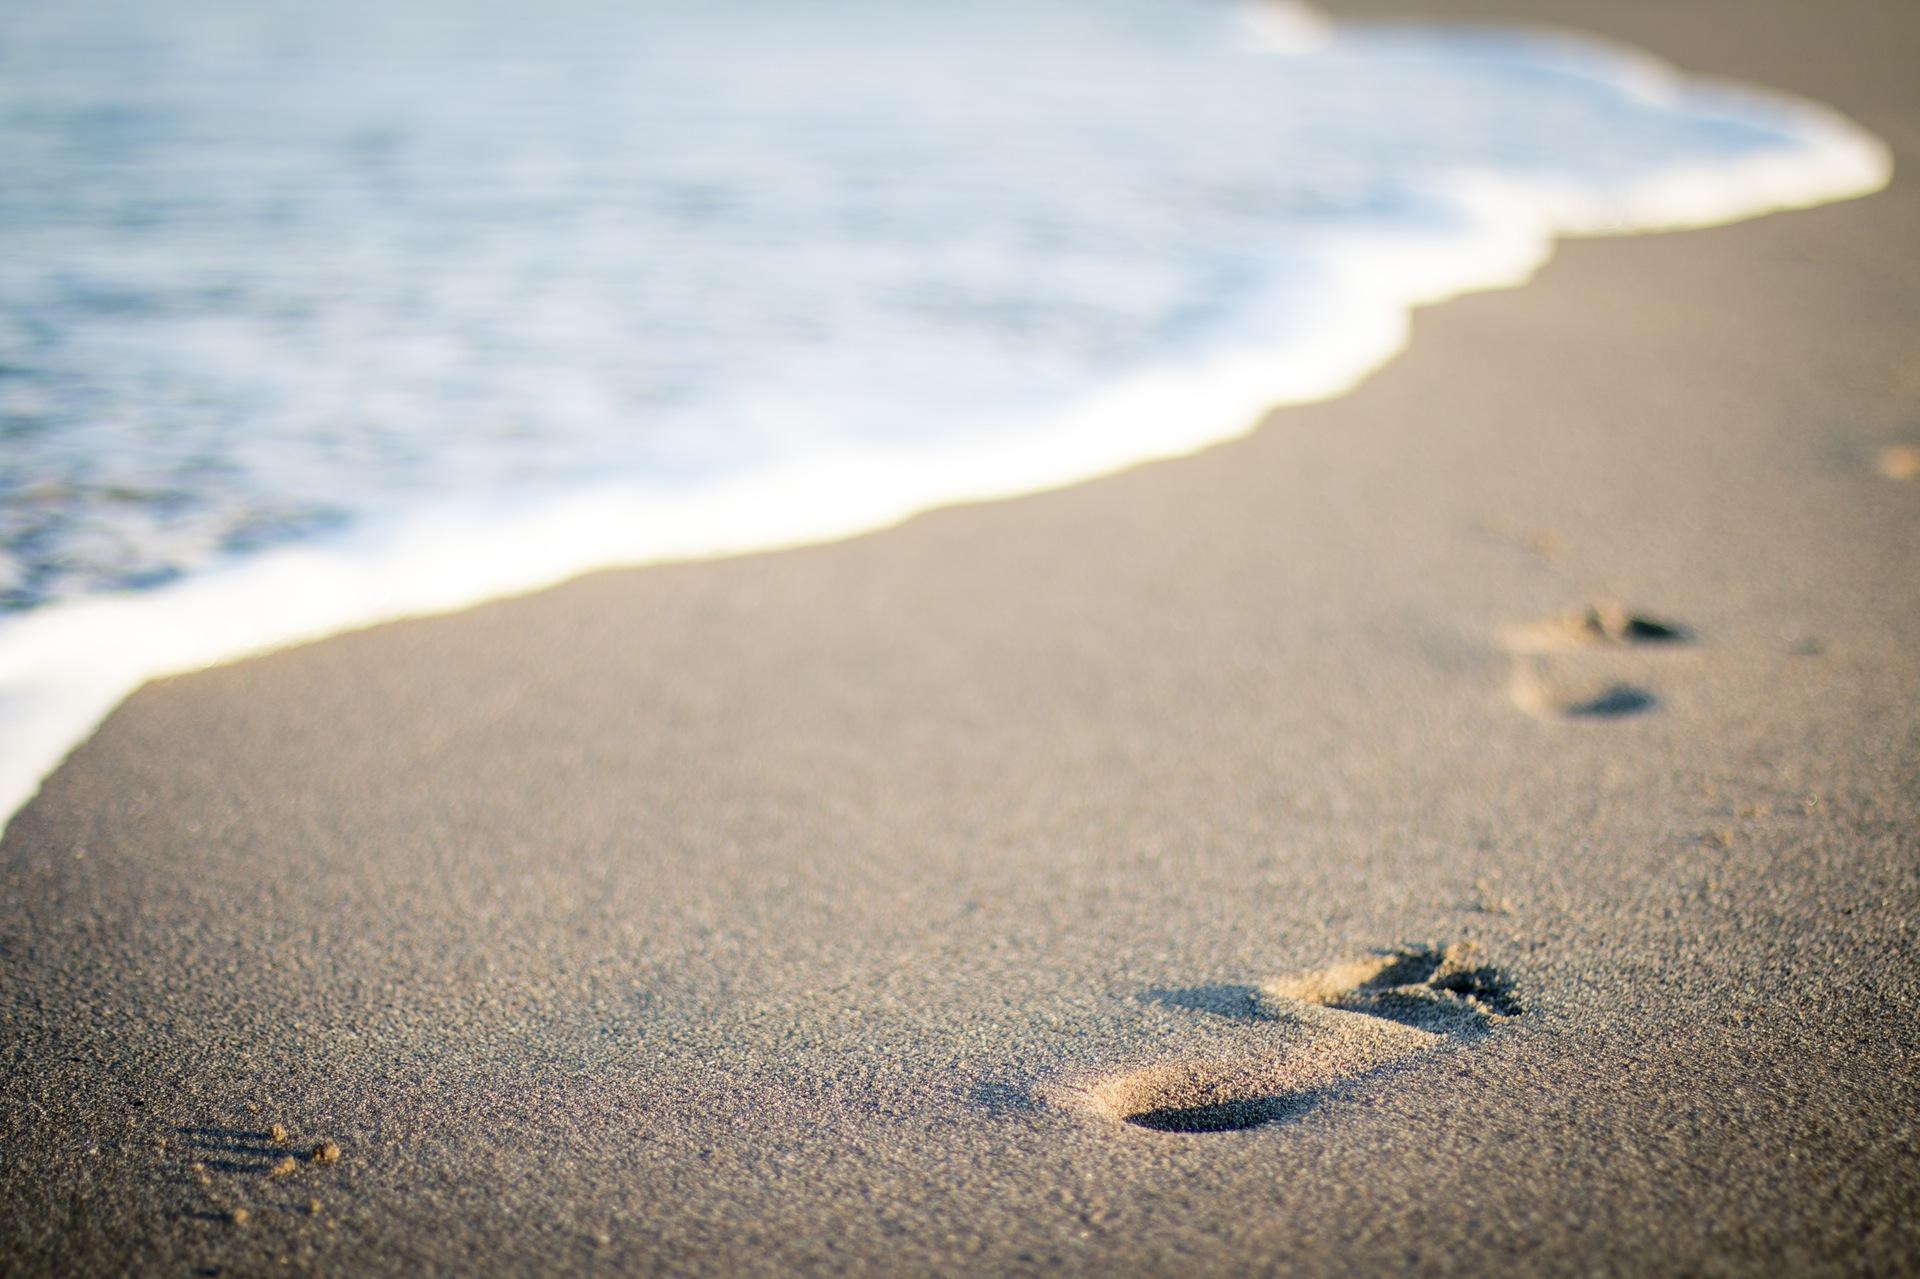 playa, arena, huellas, verano, vacaciones, mar, olas - Fondos de Pantalla HD - professor-falken.com